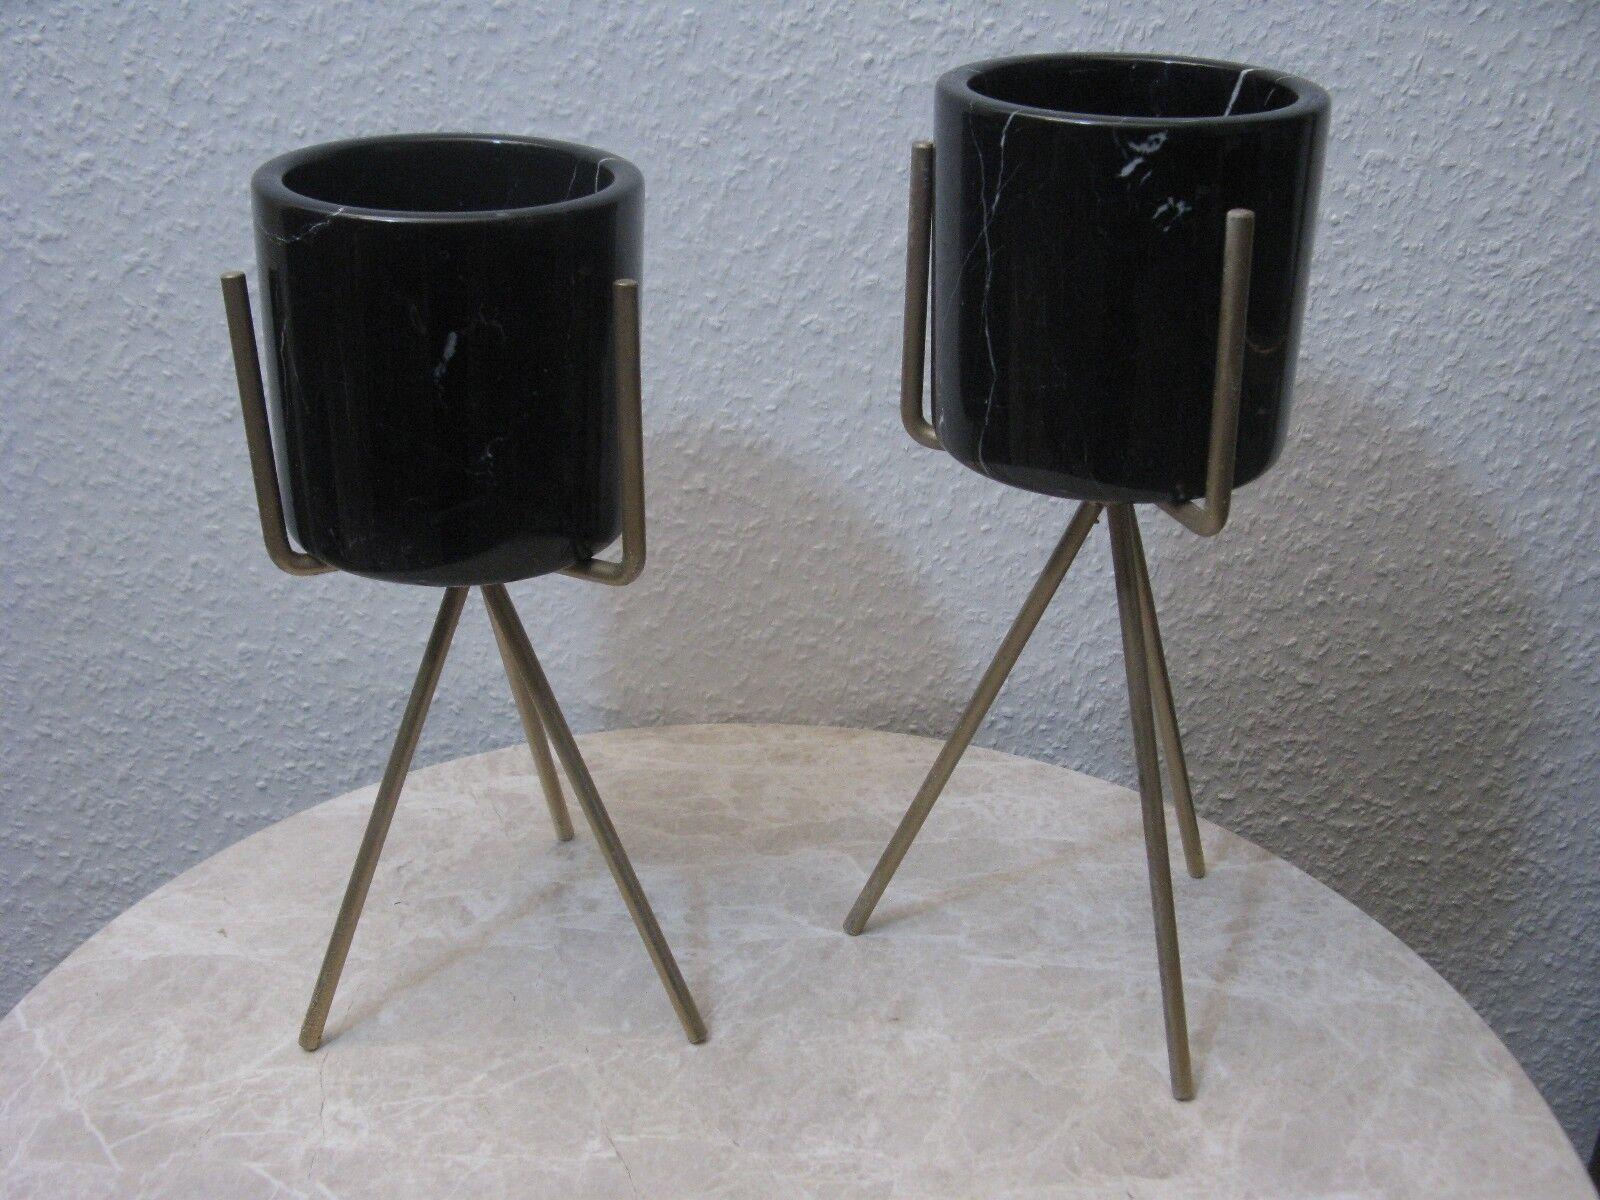 Marmo Set 2 vasi vasi vasi con supporto in metallo merce fabbrica NUOVO f96db9